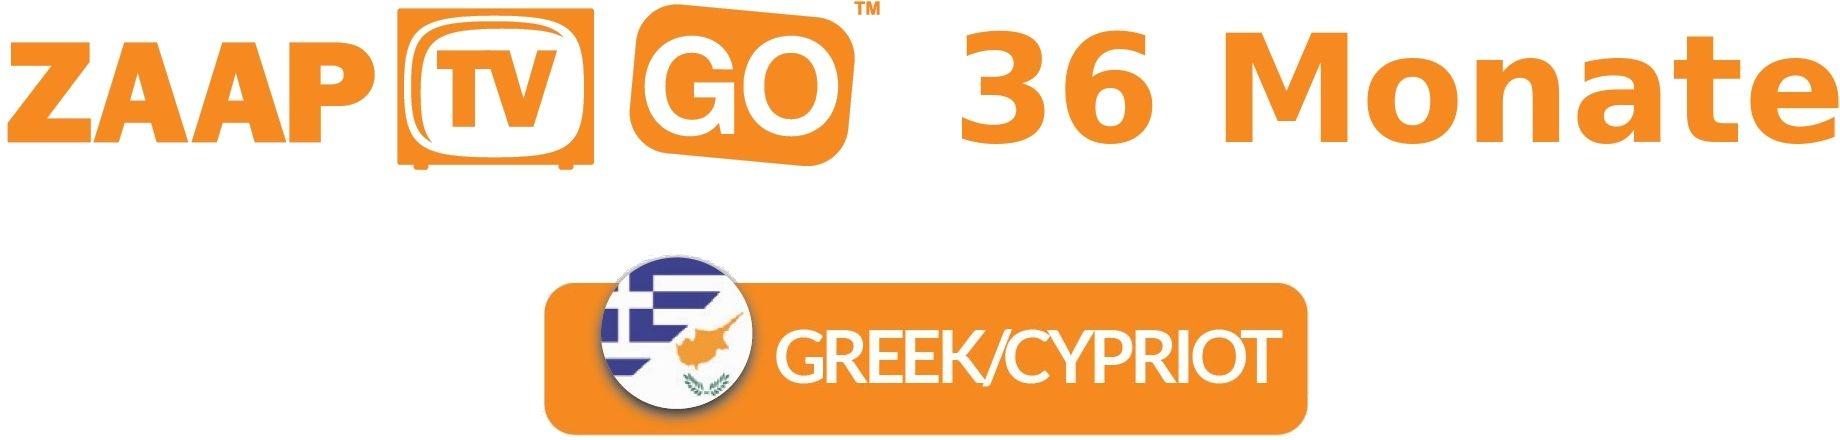 ZaapTV HD609N STB IPTV Receiver incl. 3 years ZAAPTV GO (griechisch/zypriotisch)